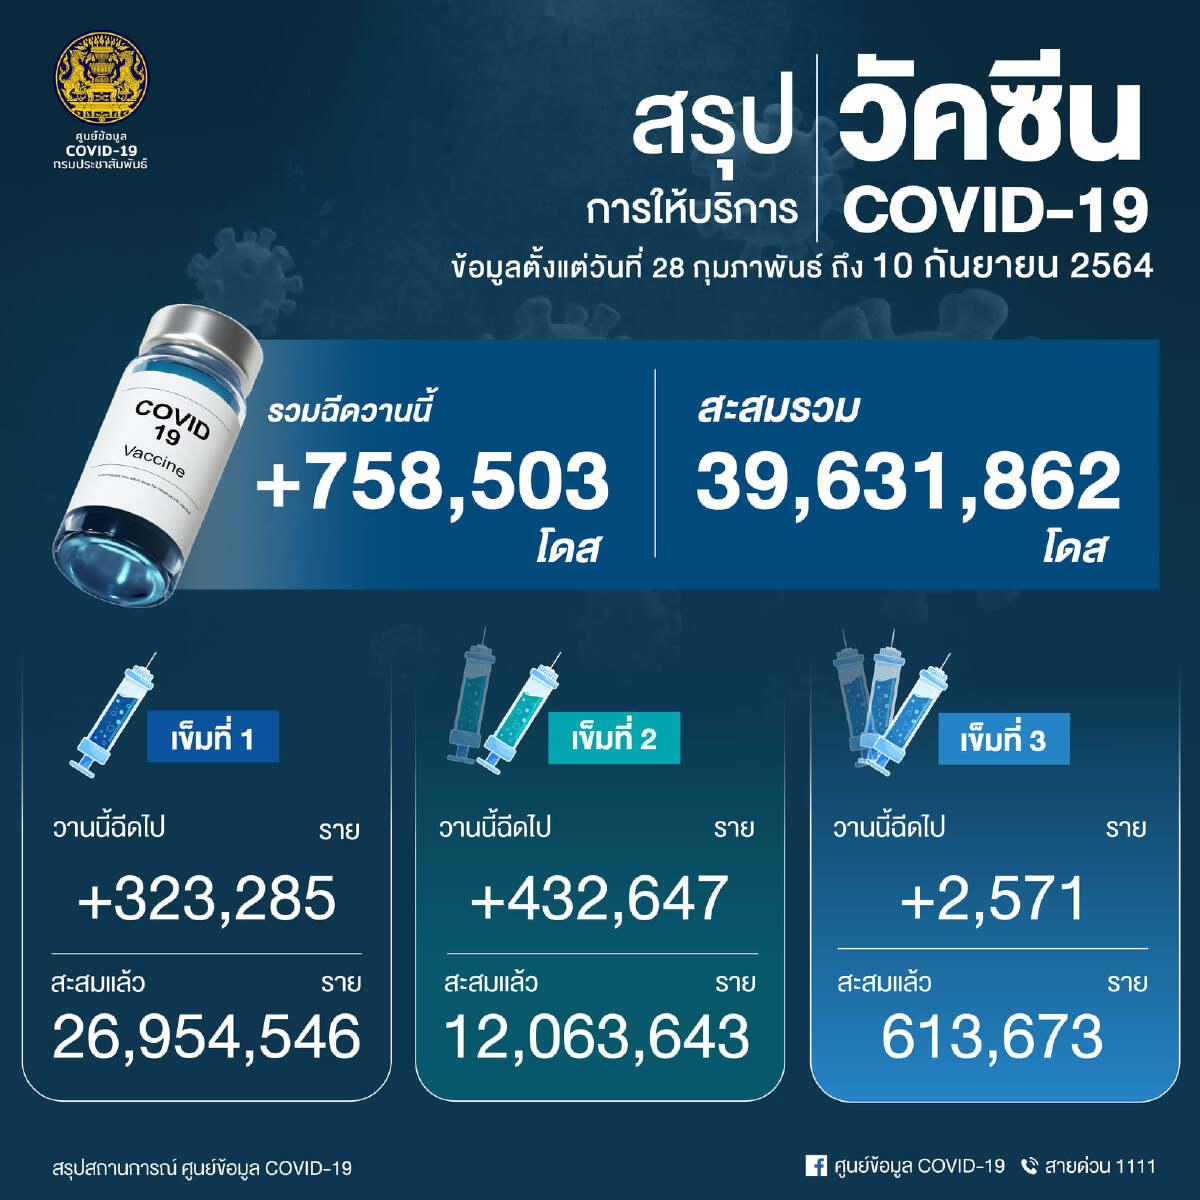 ยอด โควิด-19 วันนี้ พบติดเชื้อเพิ่ม 14,029 ราย เสียชีวิต 180 ราย